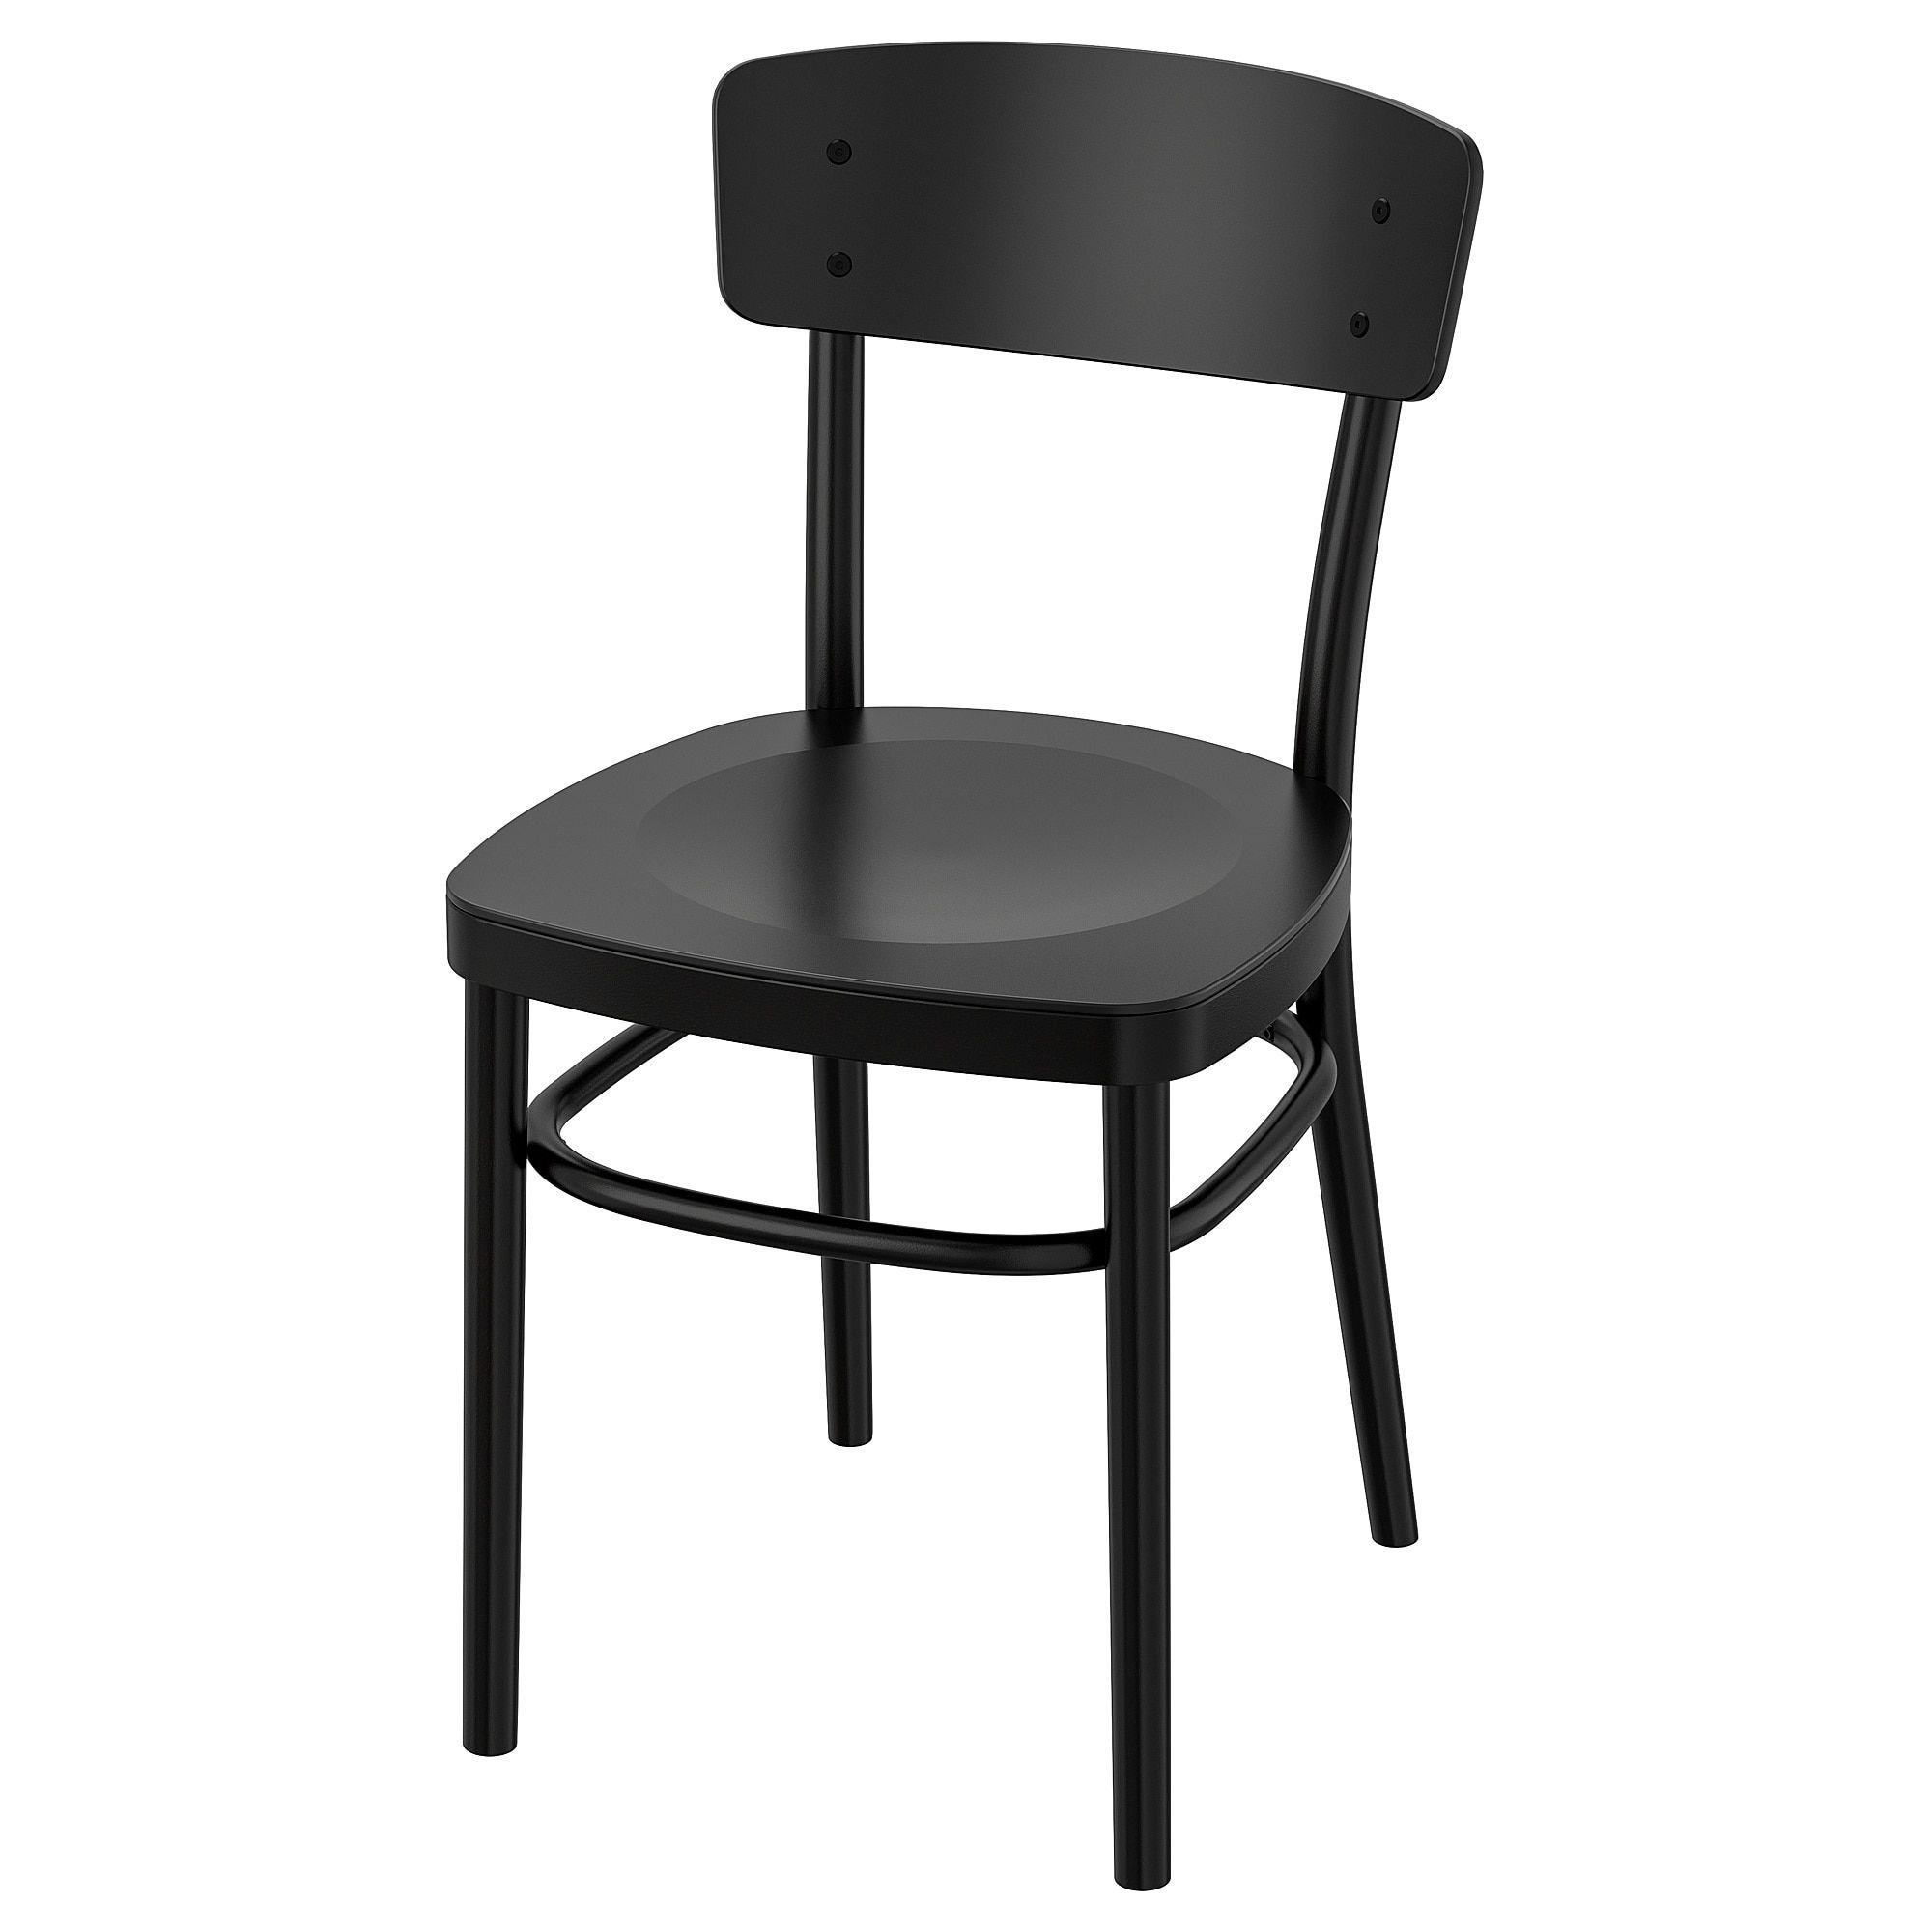 Idolf Chaise Noir Ikea Nel 2020 Idee Ikea Ikea Sedia Cucina